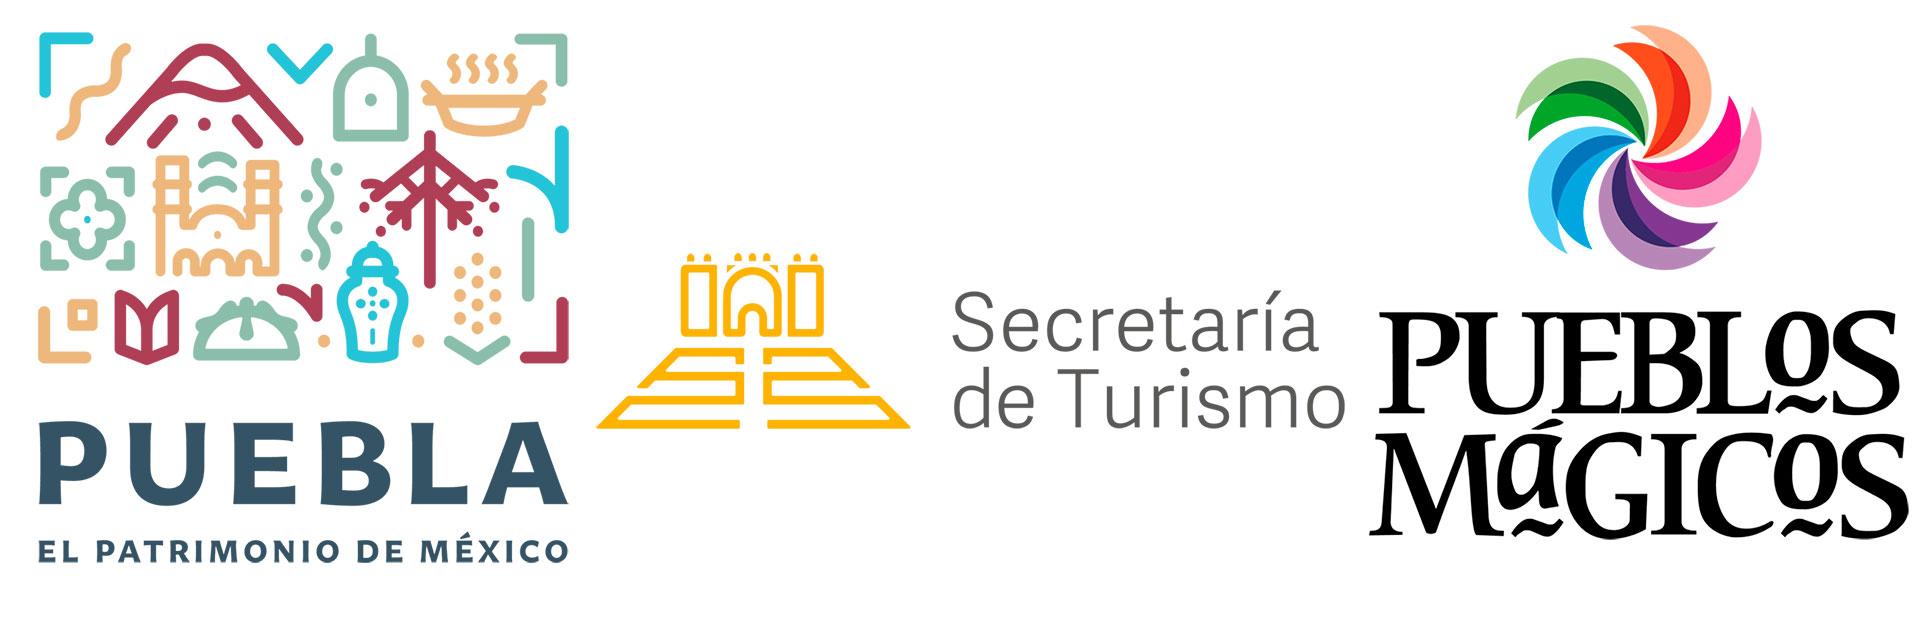 Puebla logos